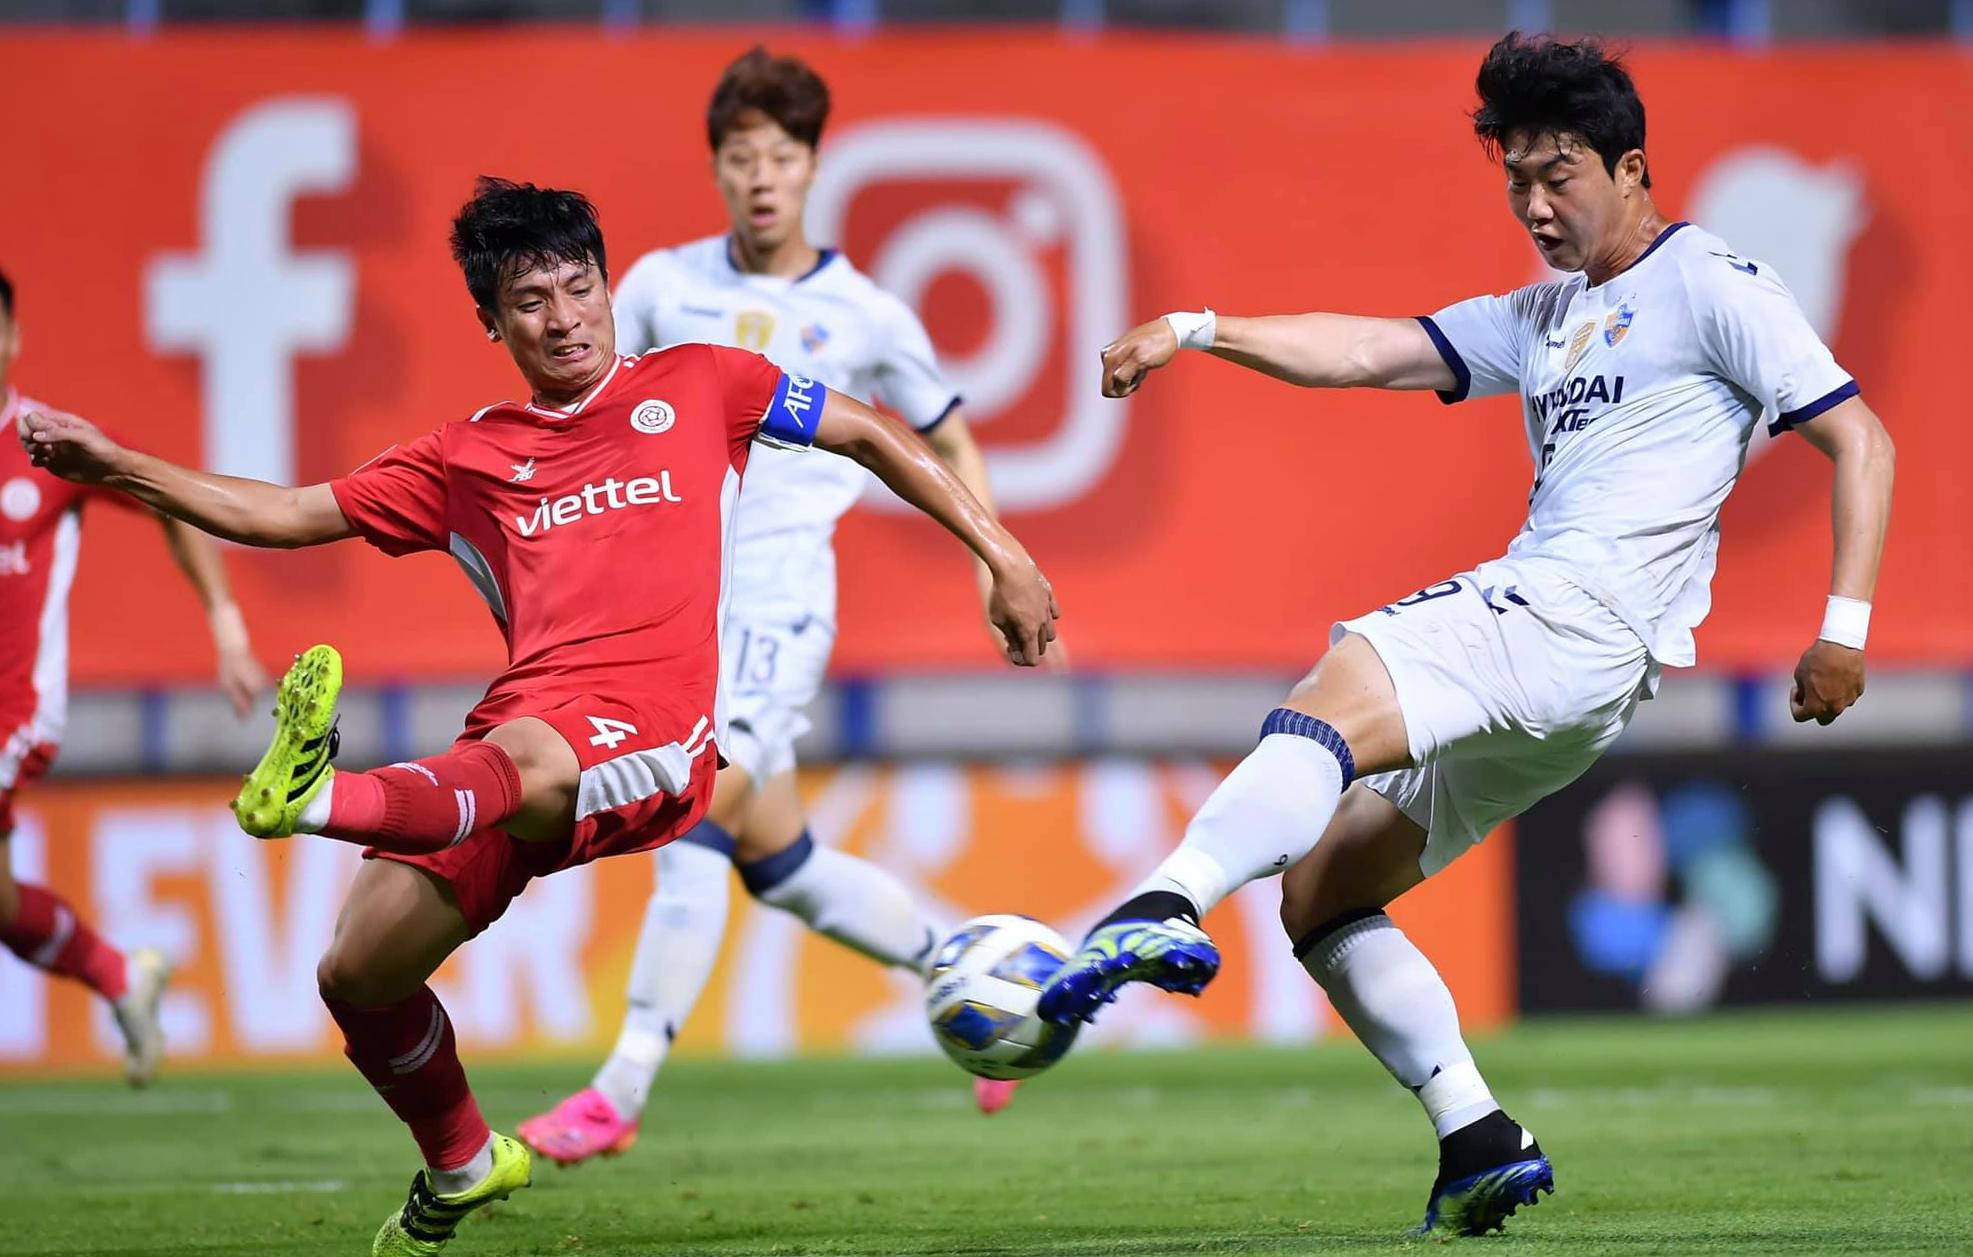 """บุยเตียนดุง (เสื้อแดง) และเพื่อนร่วมทีมยืนหยัดอย่างมั่นคงเป็นเวลา 90 นาทีก่อนที่จะเสียสมาธิและแพ้การแข่งขัน  ภาพถ่าย: """"Viettel FC."""